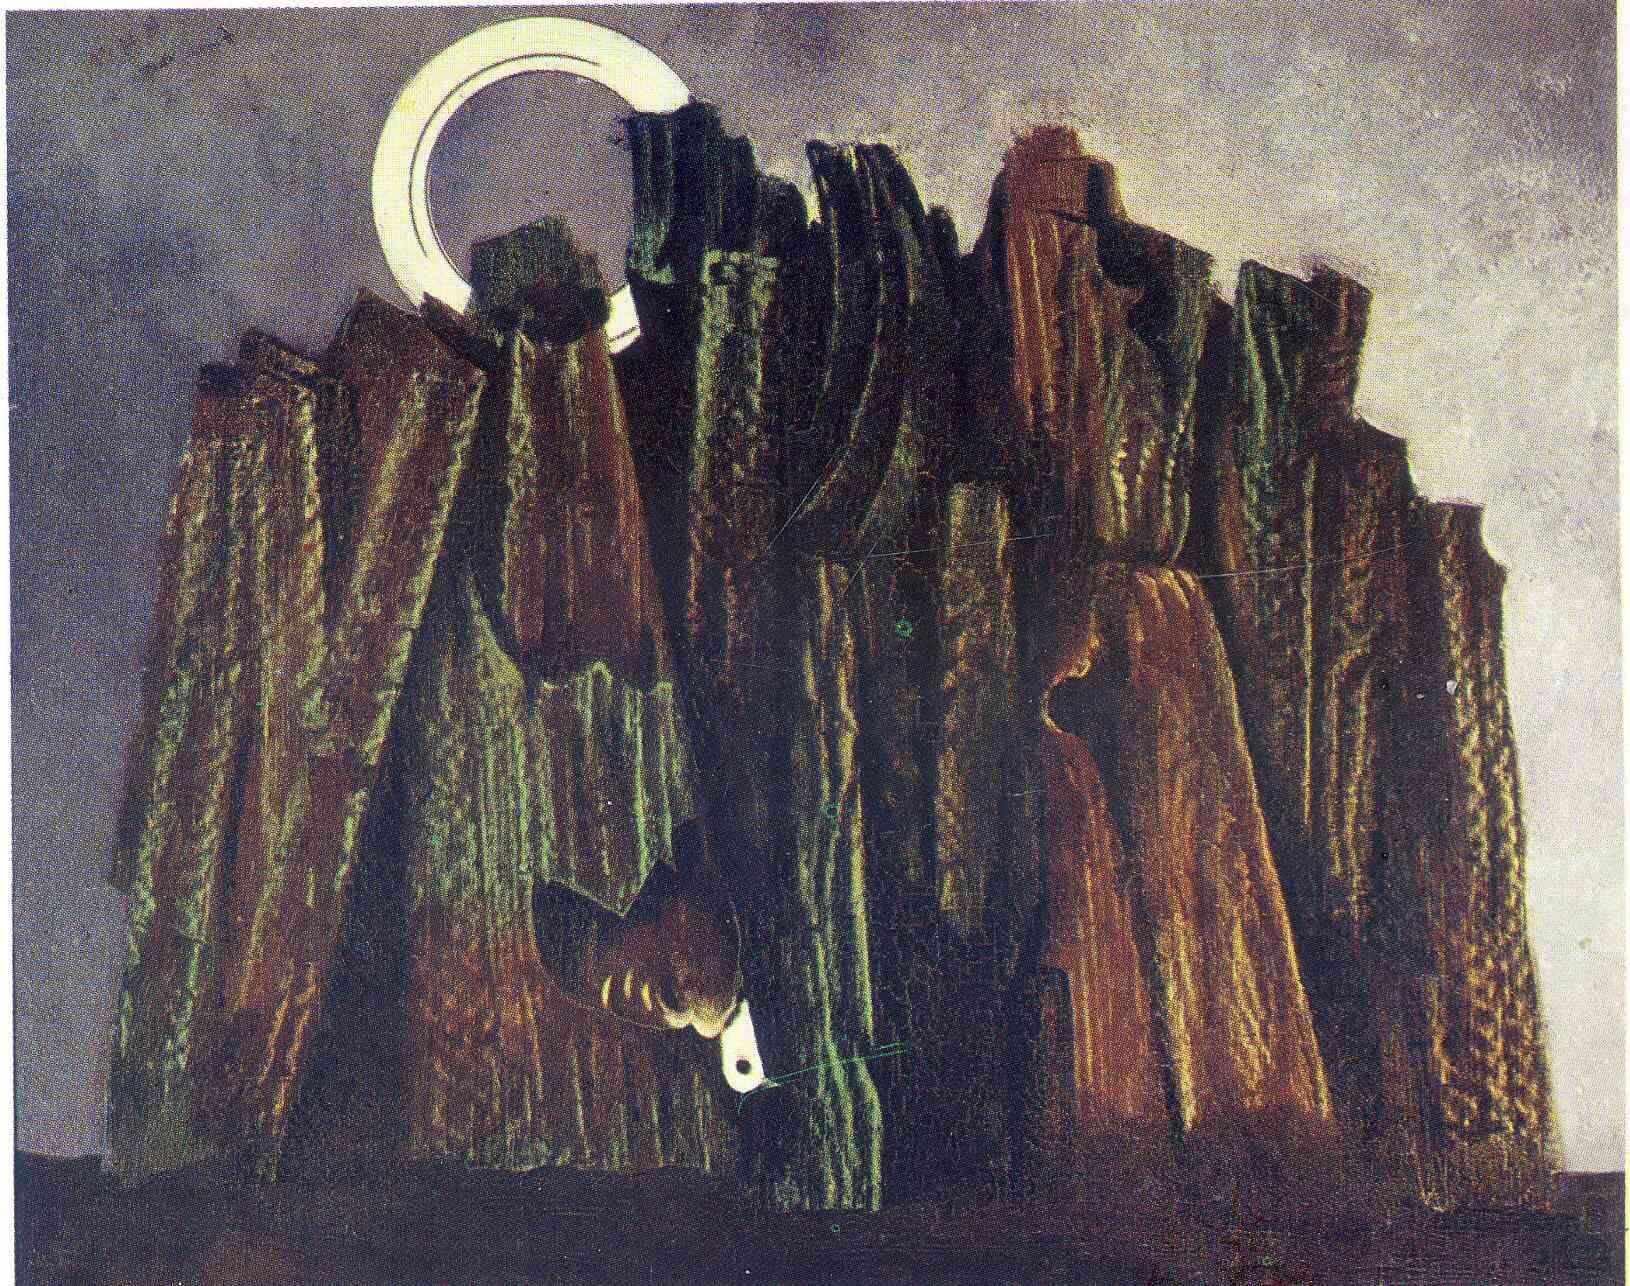 Dark Forest with Dove - Max Ernst